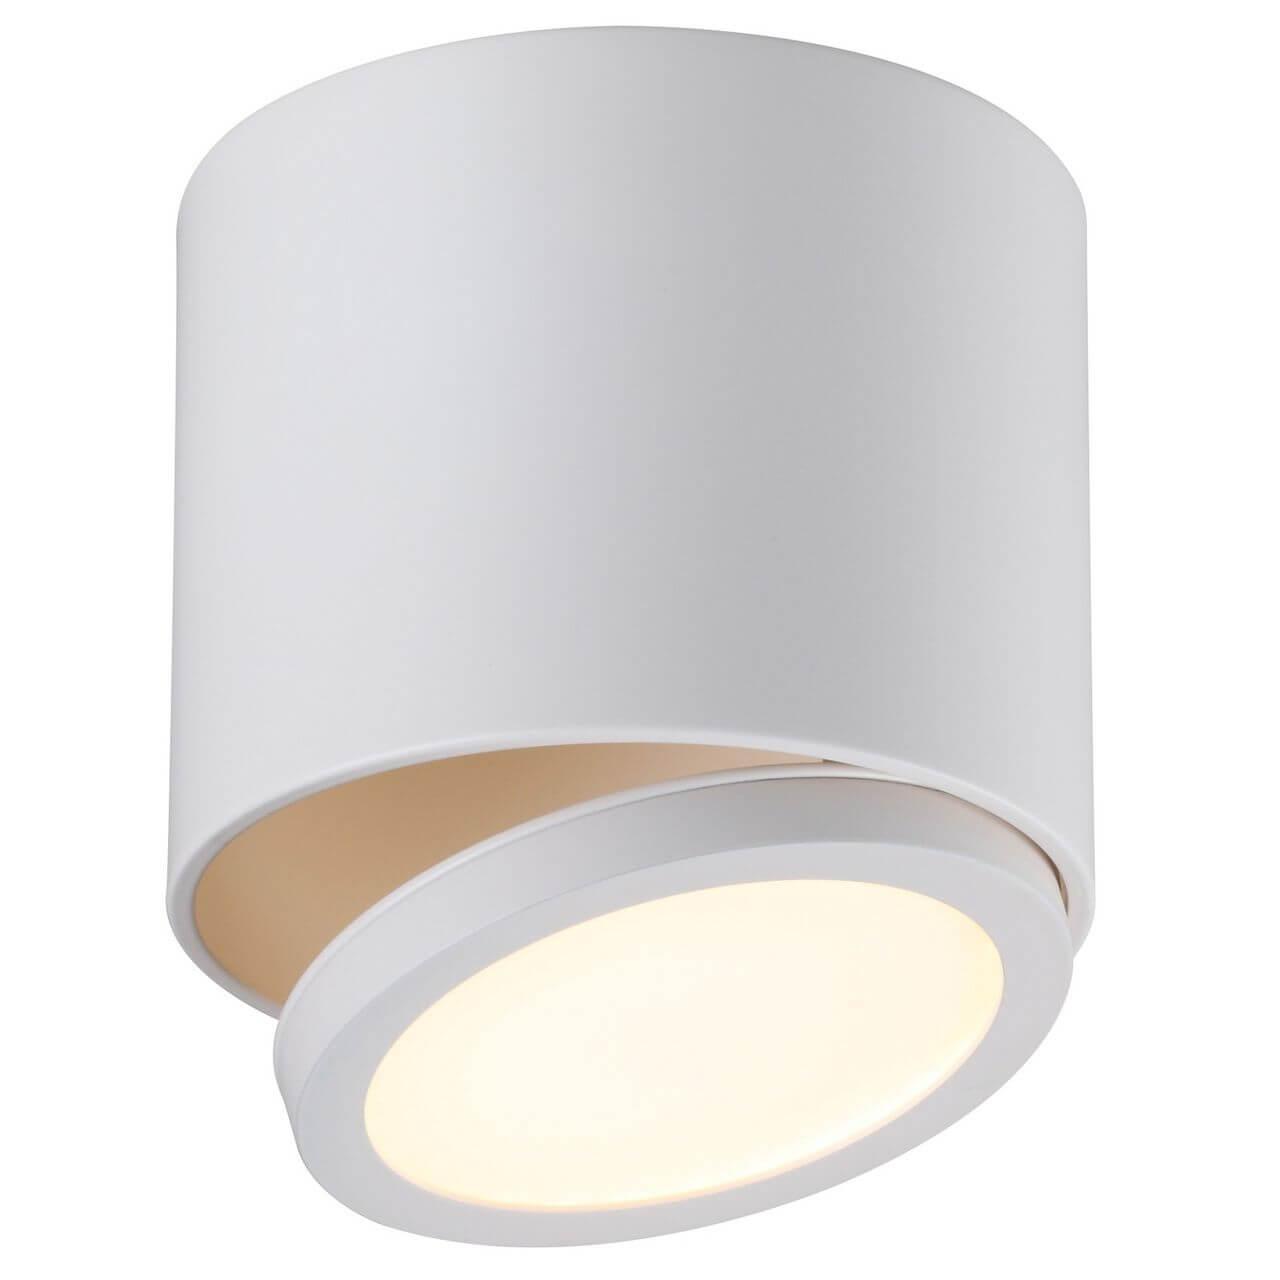 цены Потолочный светодиодный светильник Omnilux Canicattì OML-20501-01